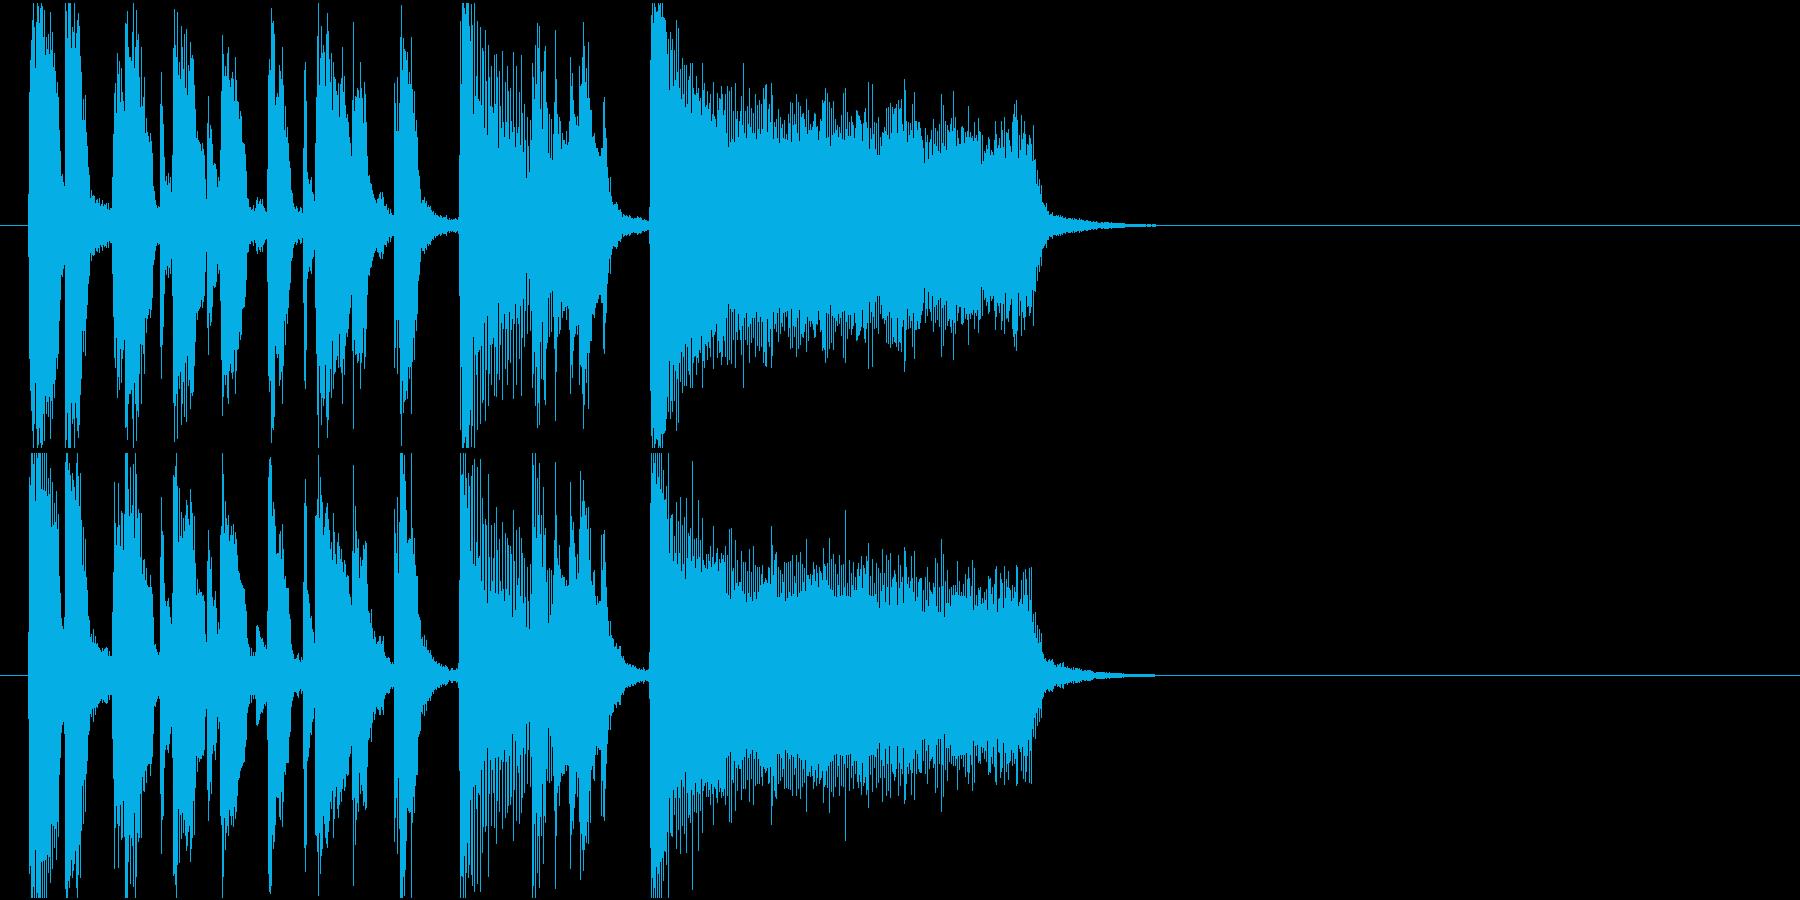 登場 ショータイム 発表 イベントの再生済みの波形